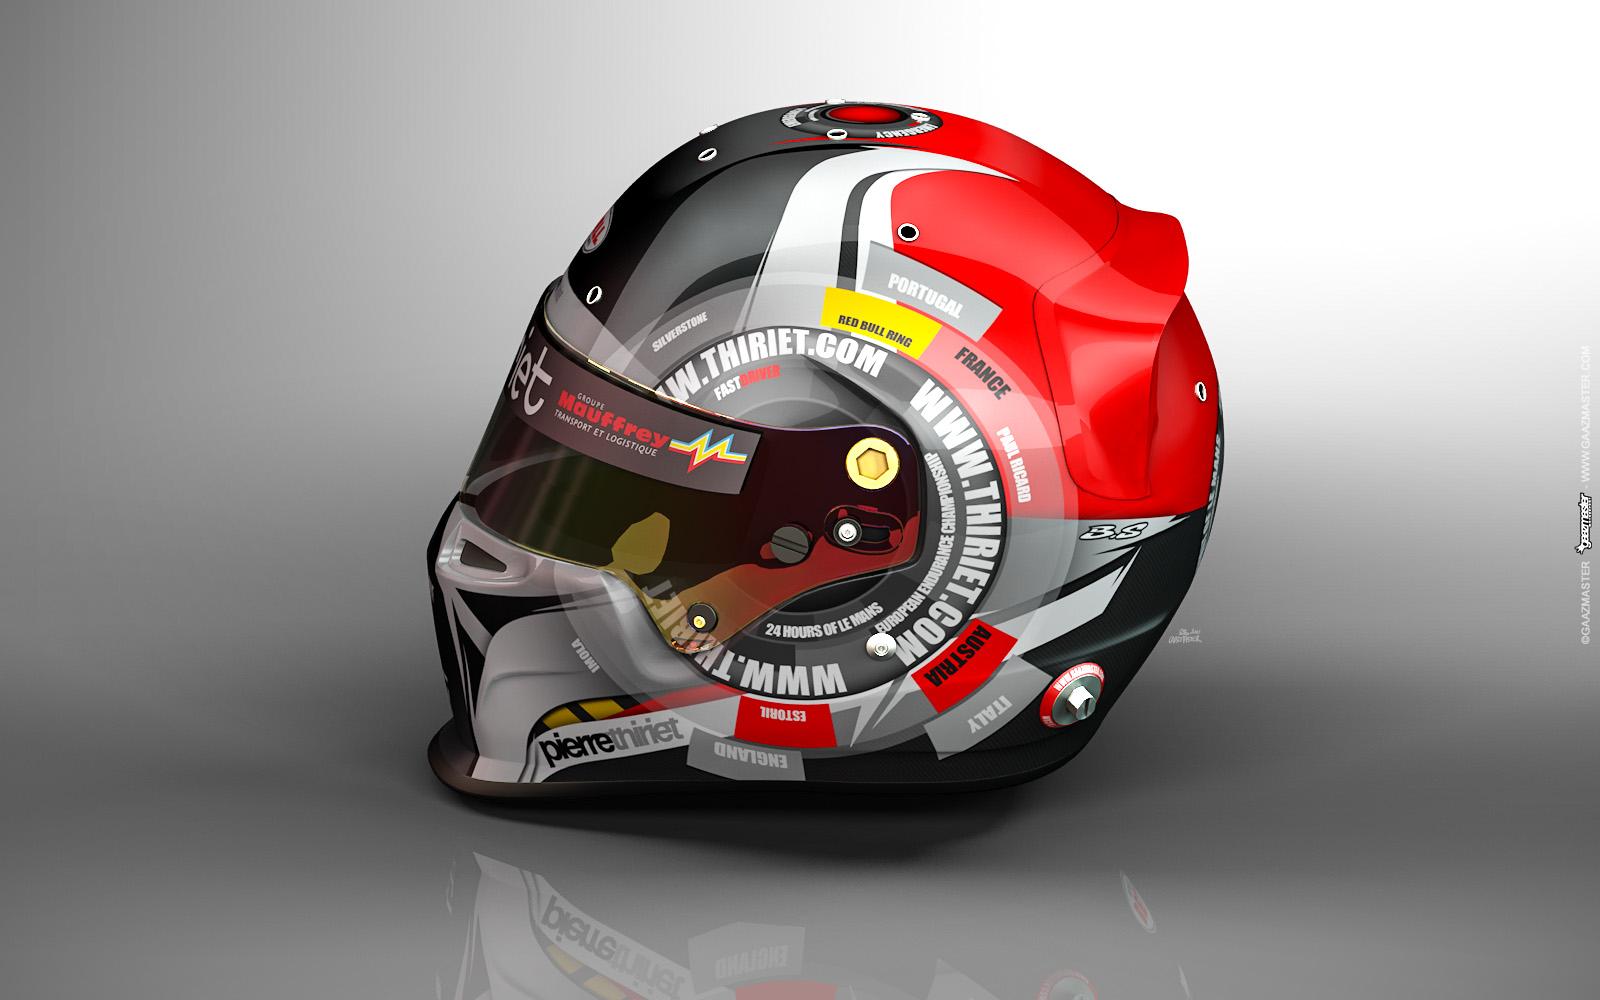 Porsche Driving Experience >> GaazMaster MotorSport